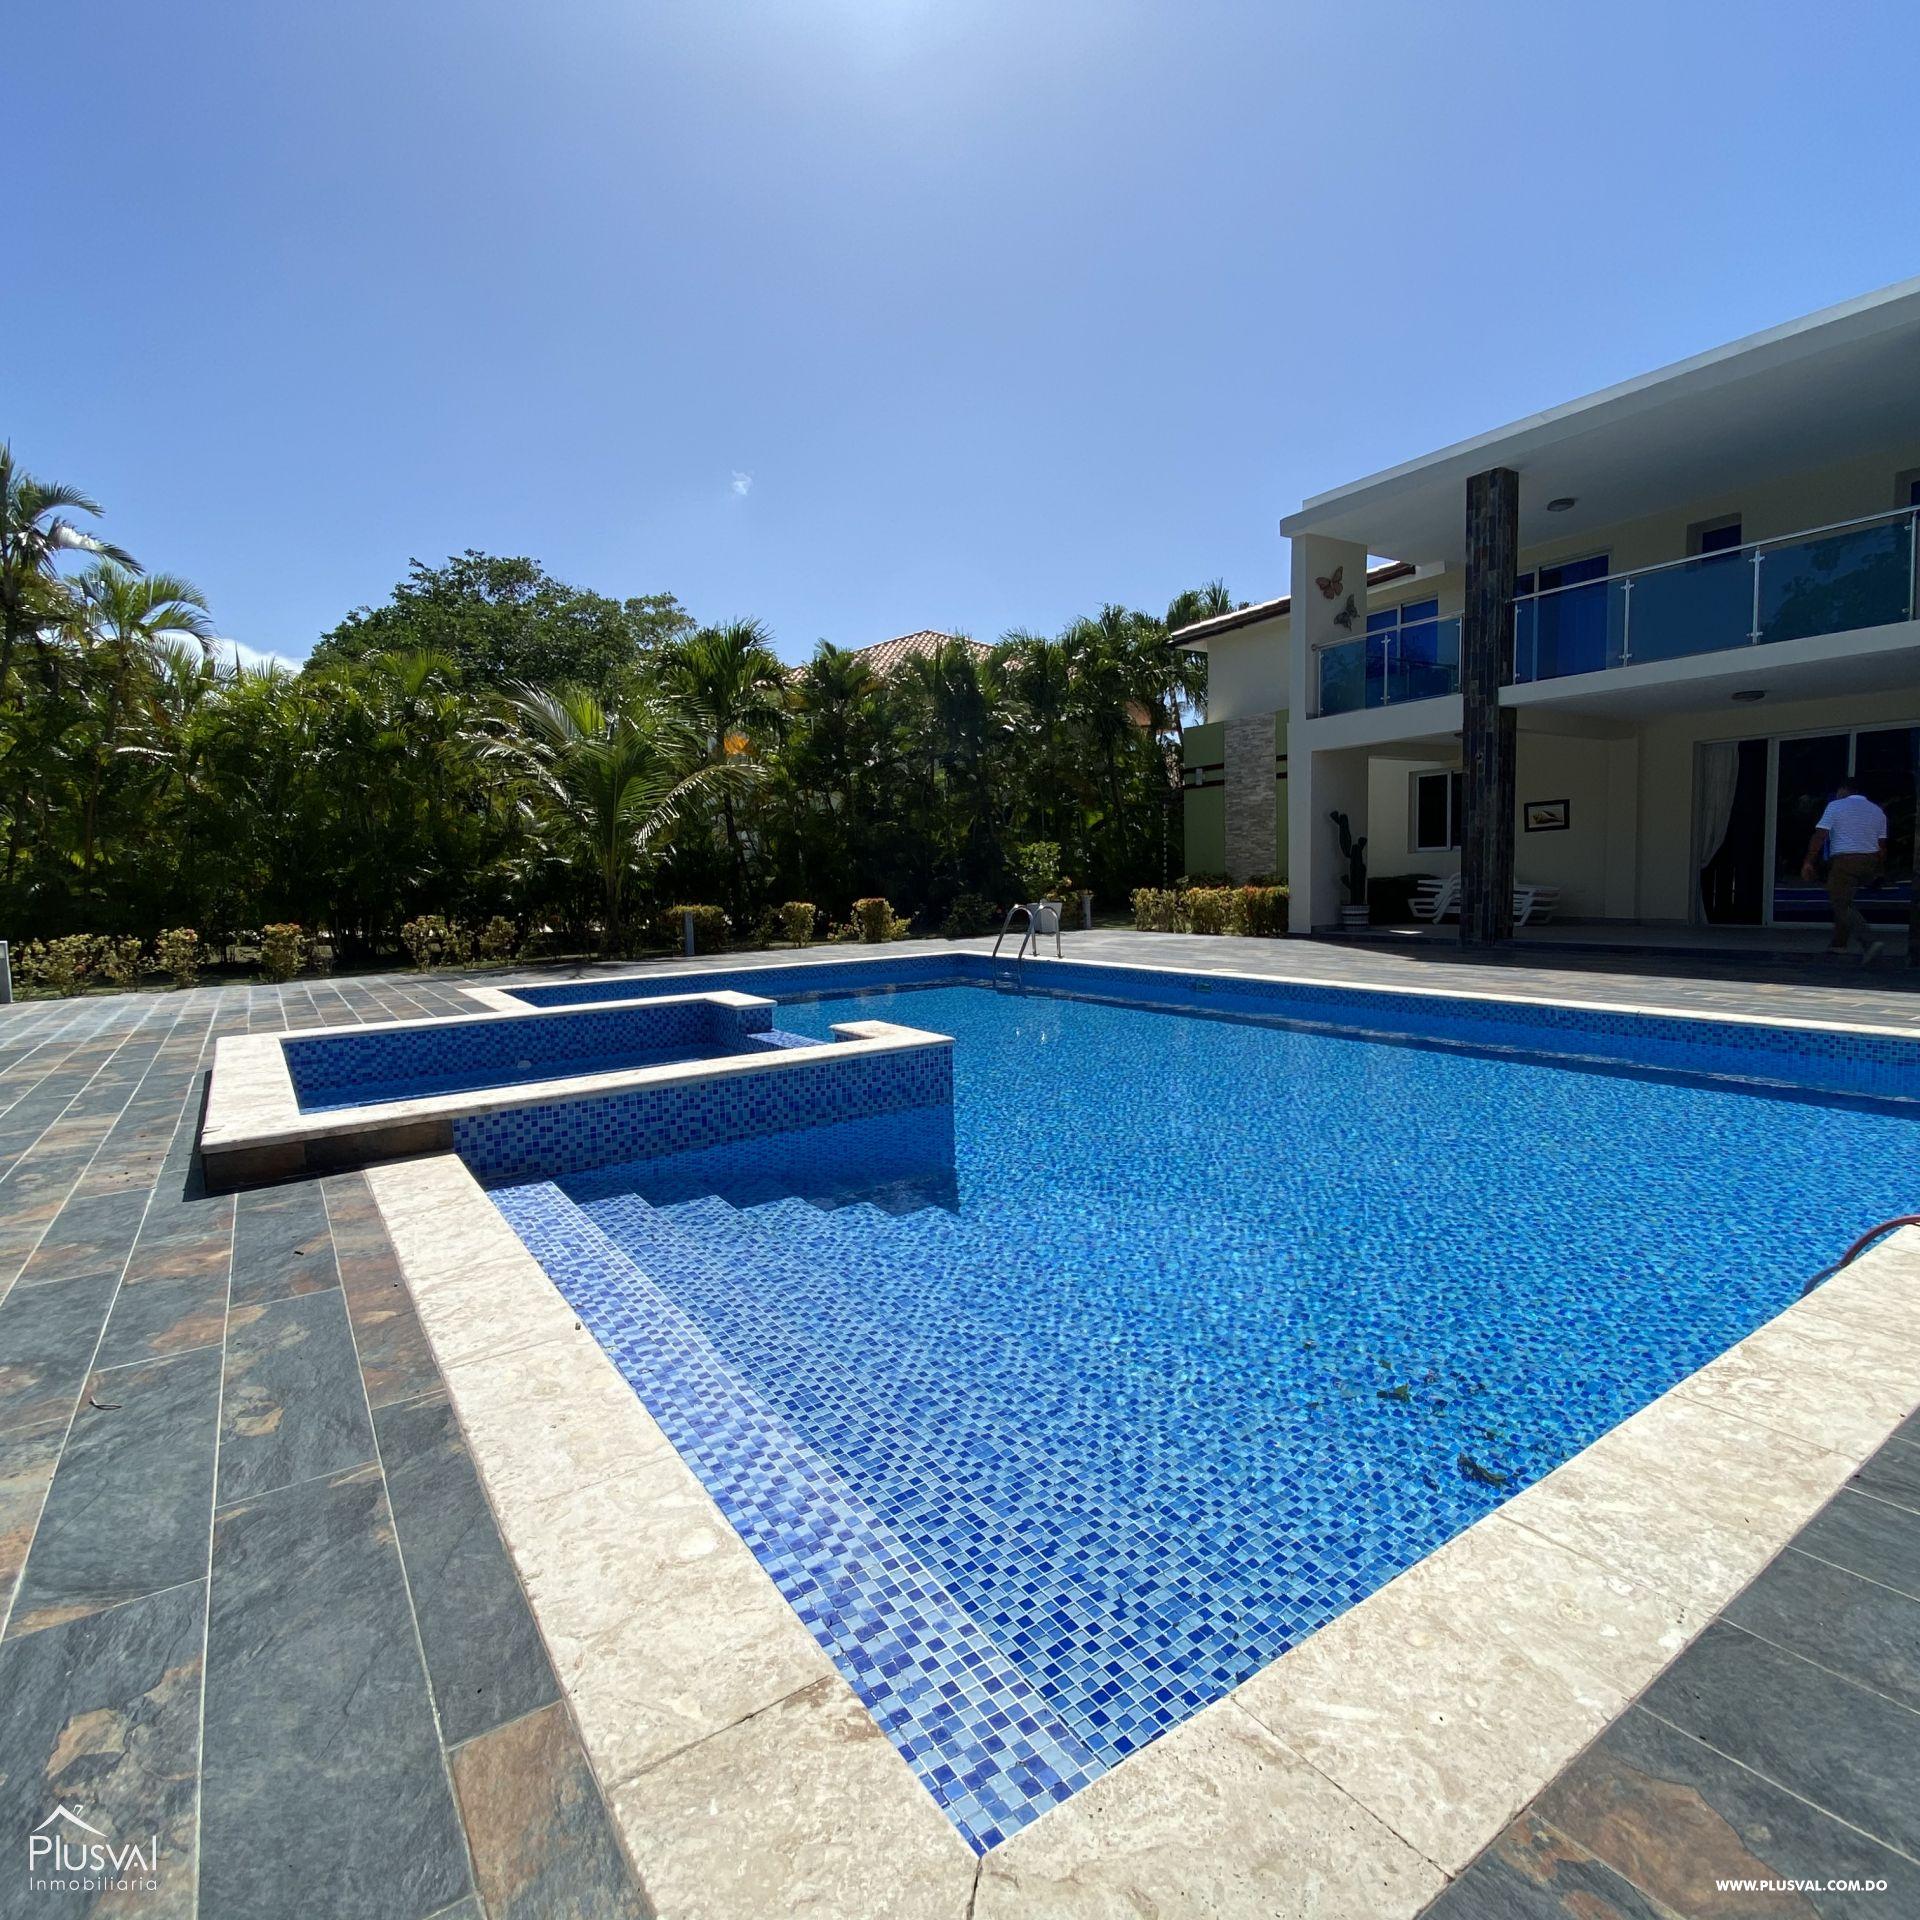 Villa en venta amueblada, Cocotal